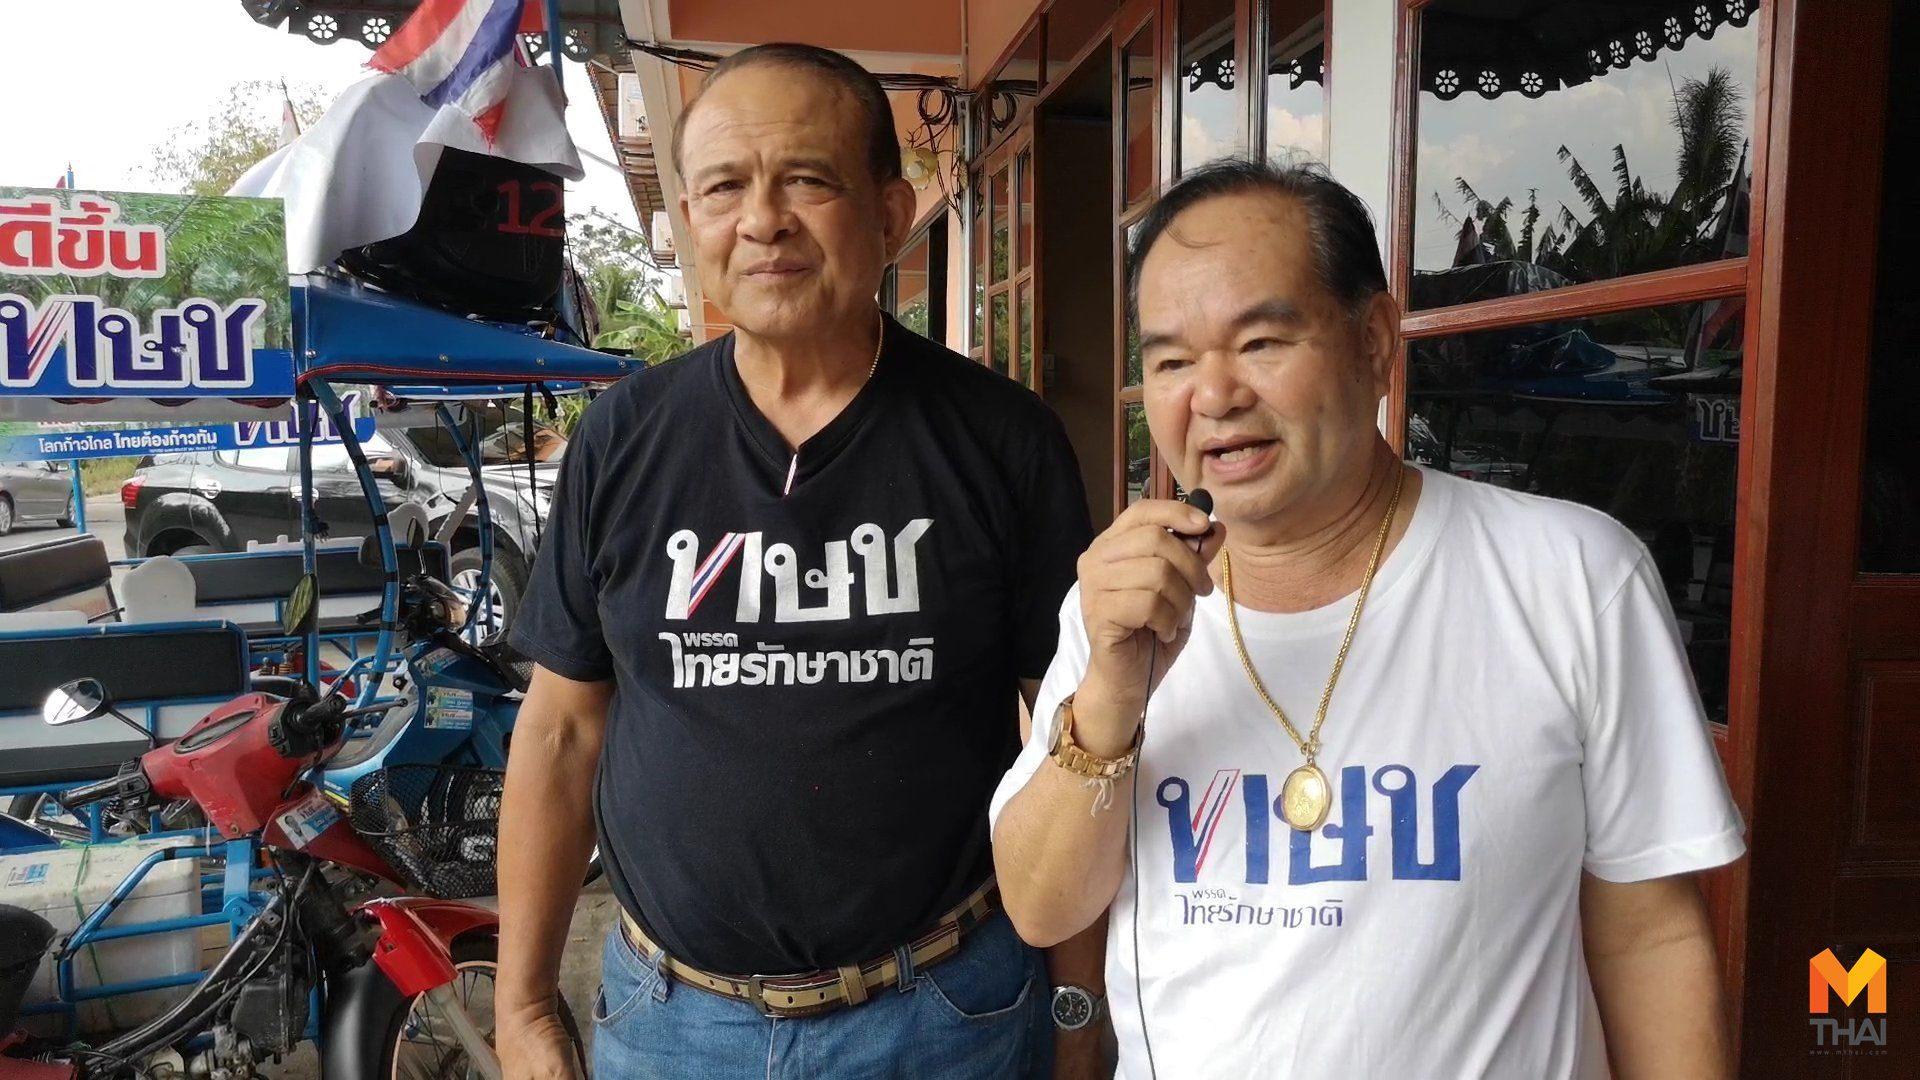 ผู้สมัครพรรคไทยรักษาชาติ รู้สึกเสียใจที่พรรคถูกยุบ พร้อมน้อมรับคำตัดสินของศาล